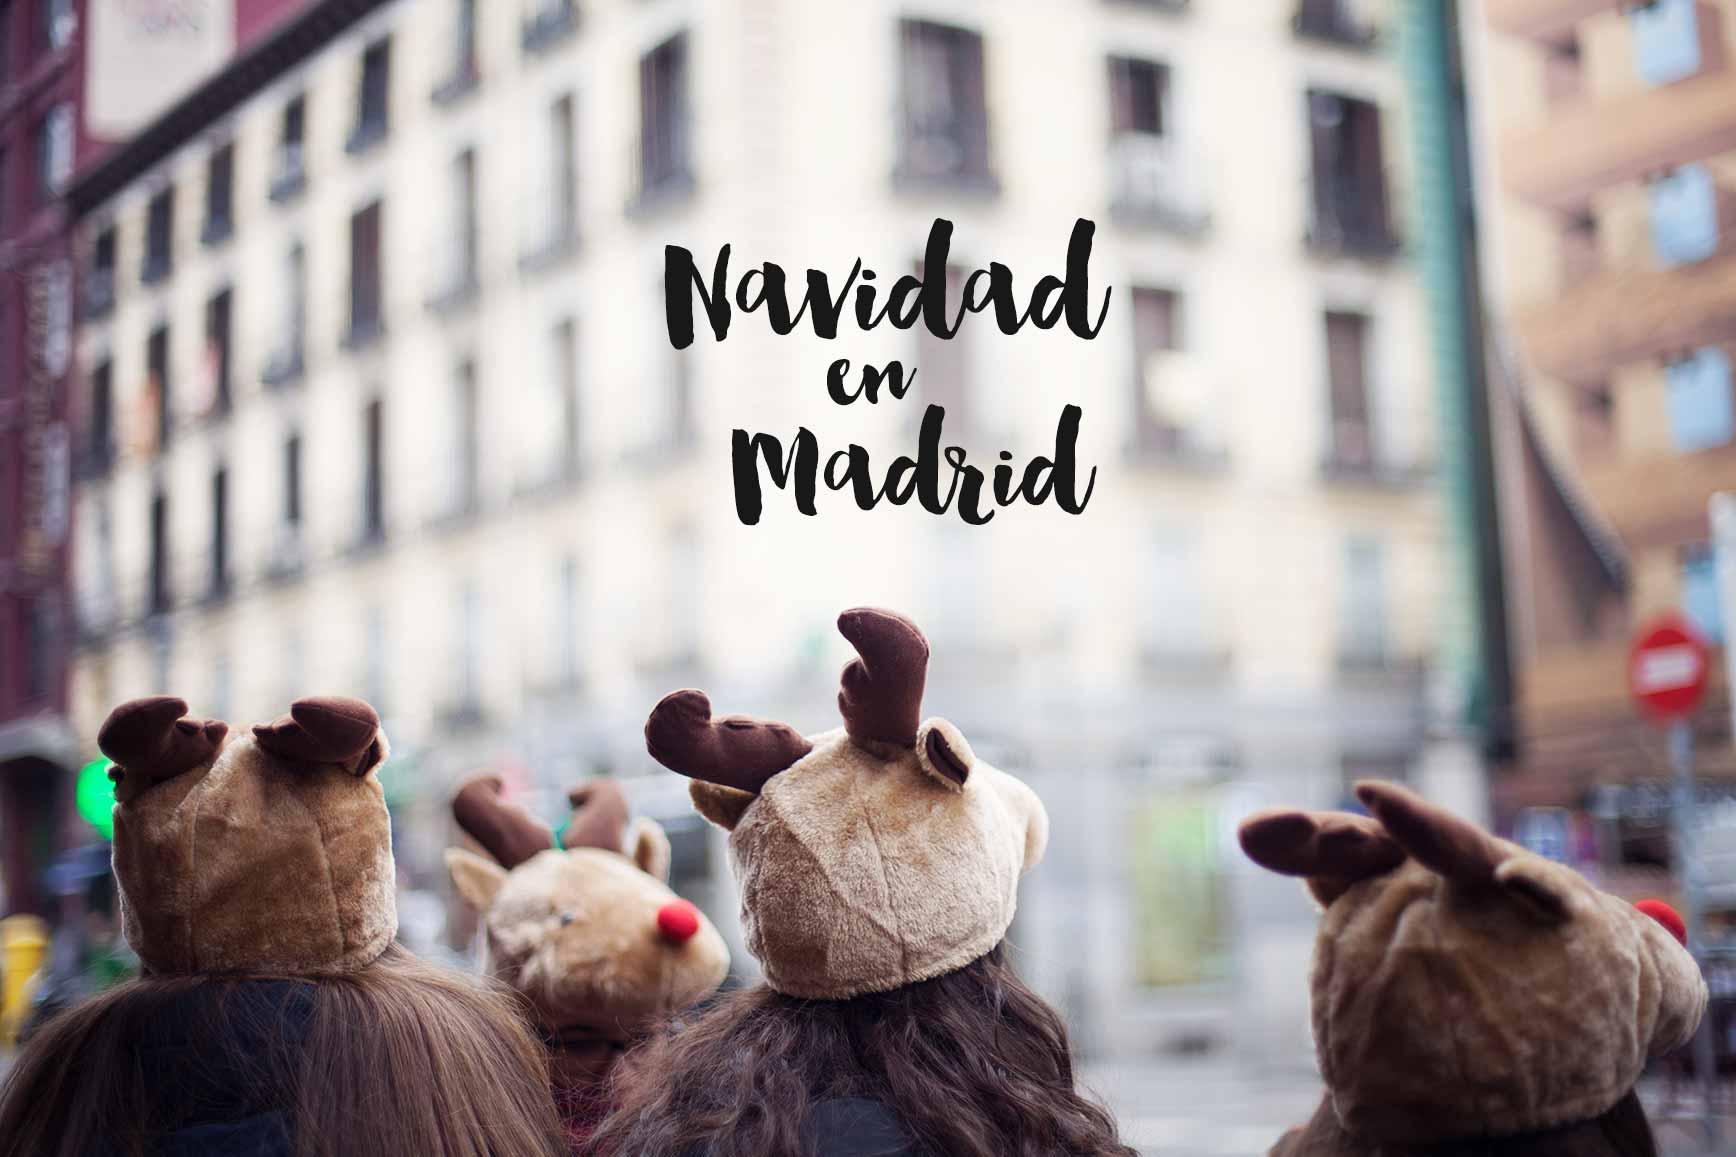 Navidad-en-Madrid-claraBmartin-10